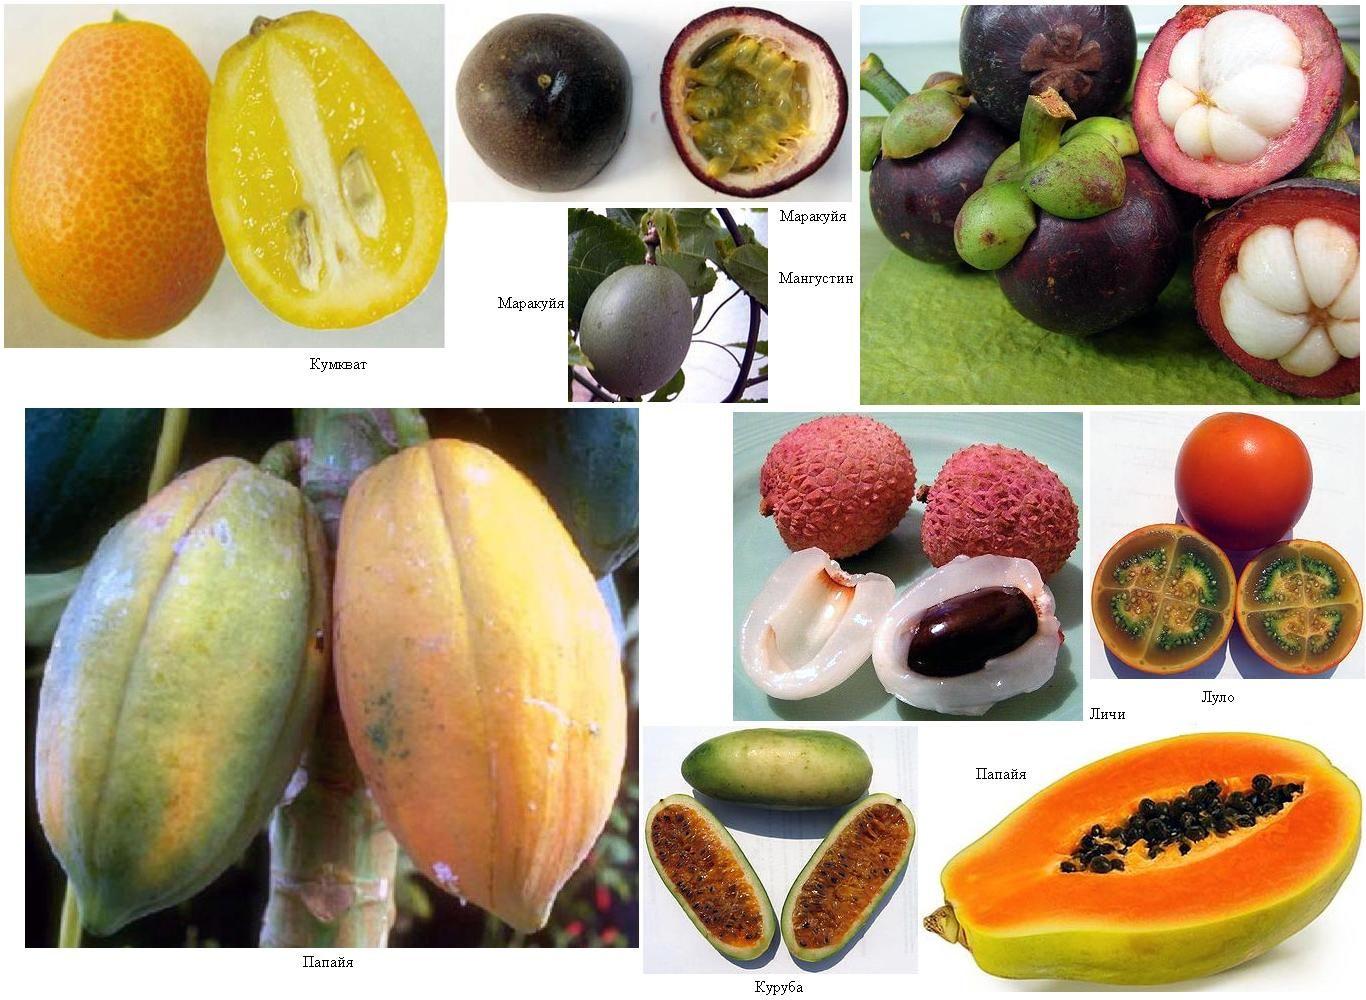 тропические фрукты названия картинки том, что для